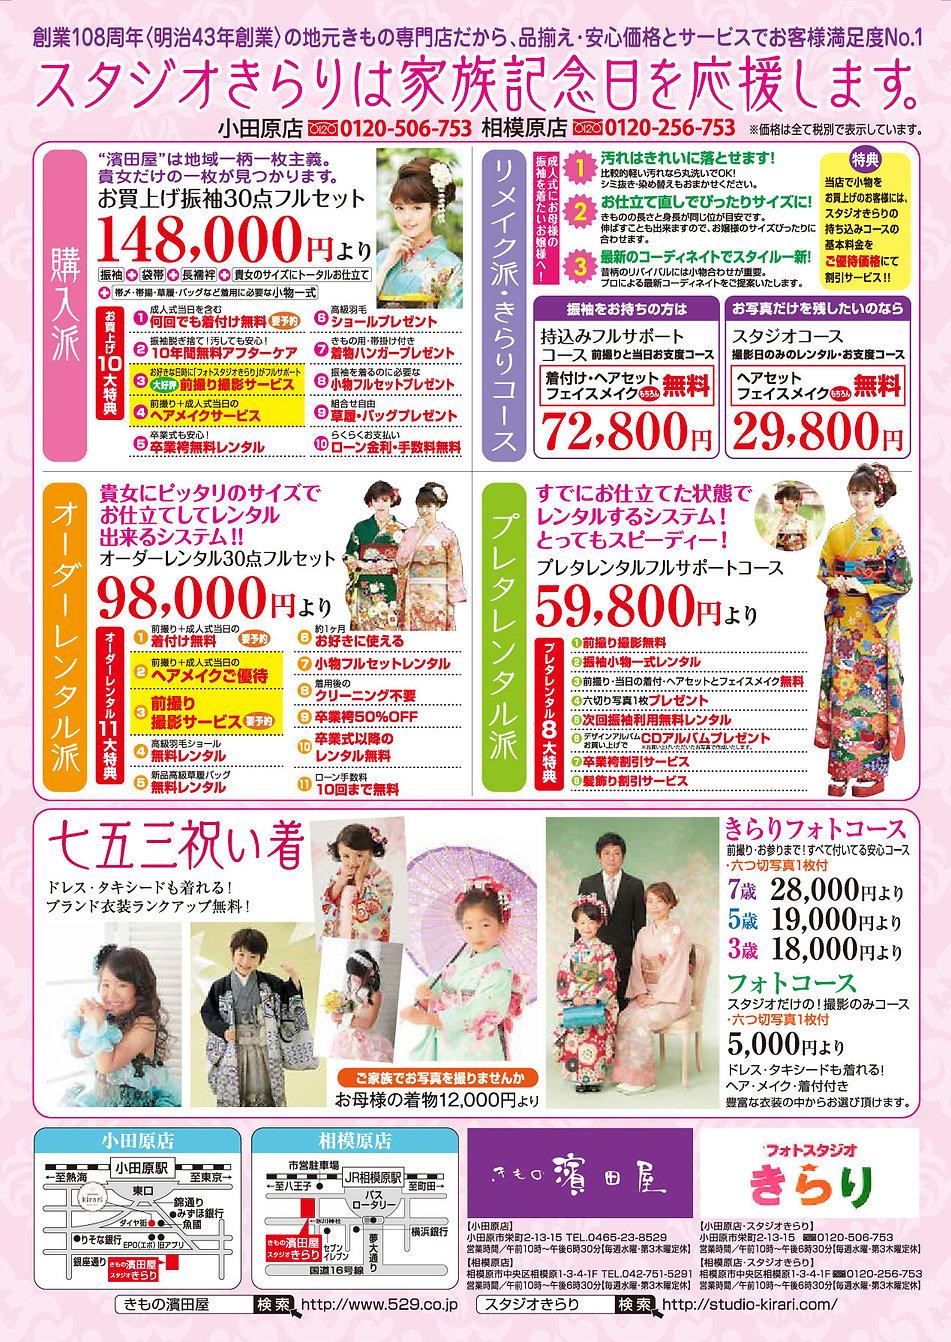 2のコピー.jpg